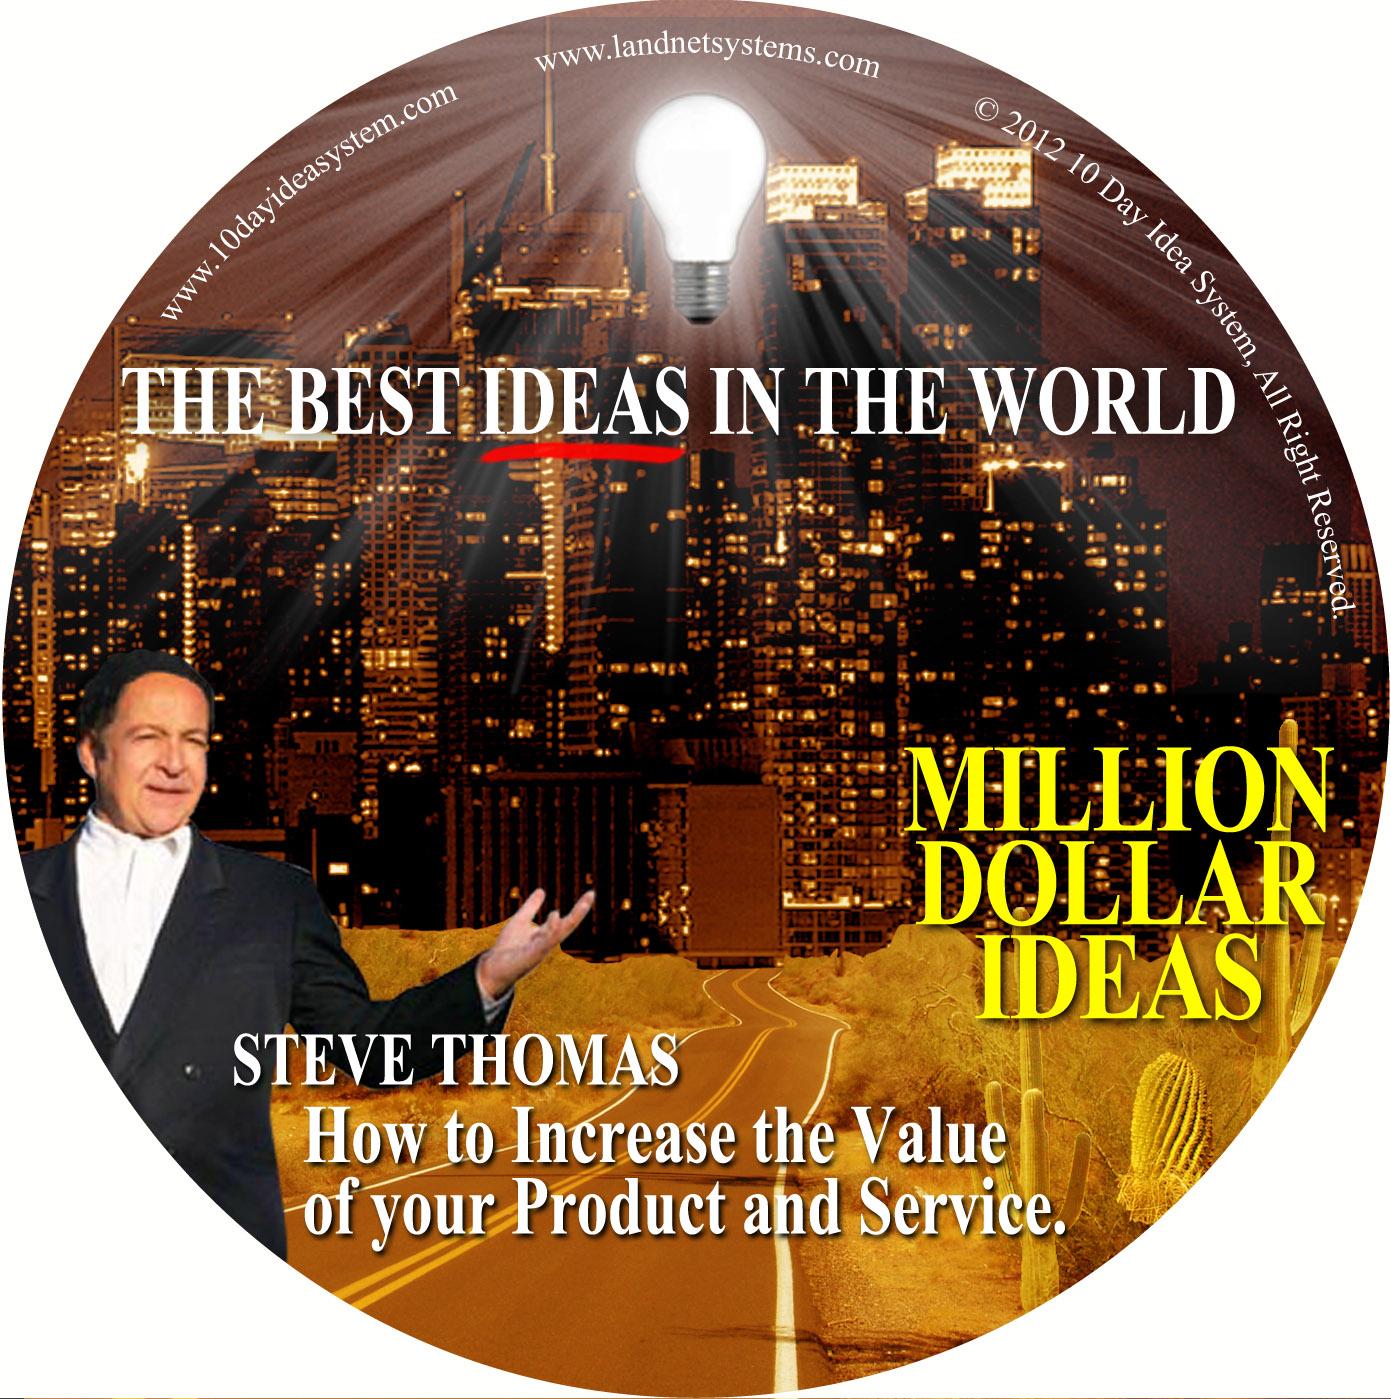 07 CD MILLION DOLLAR IDEA